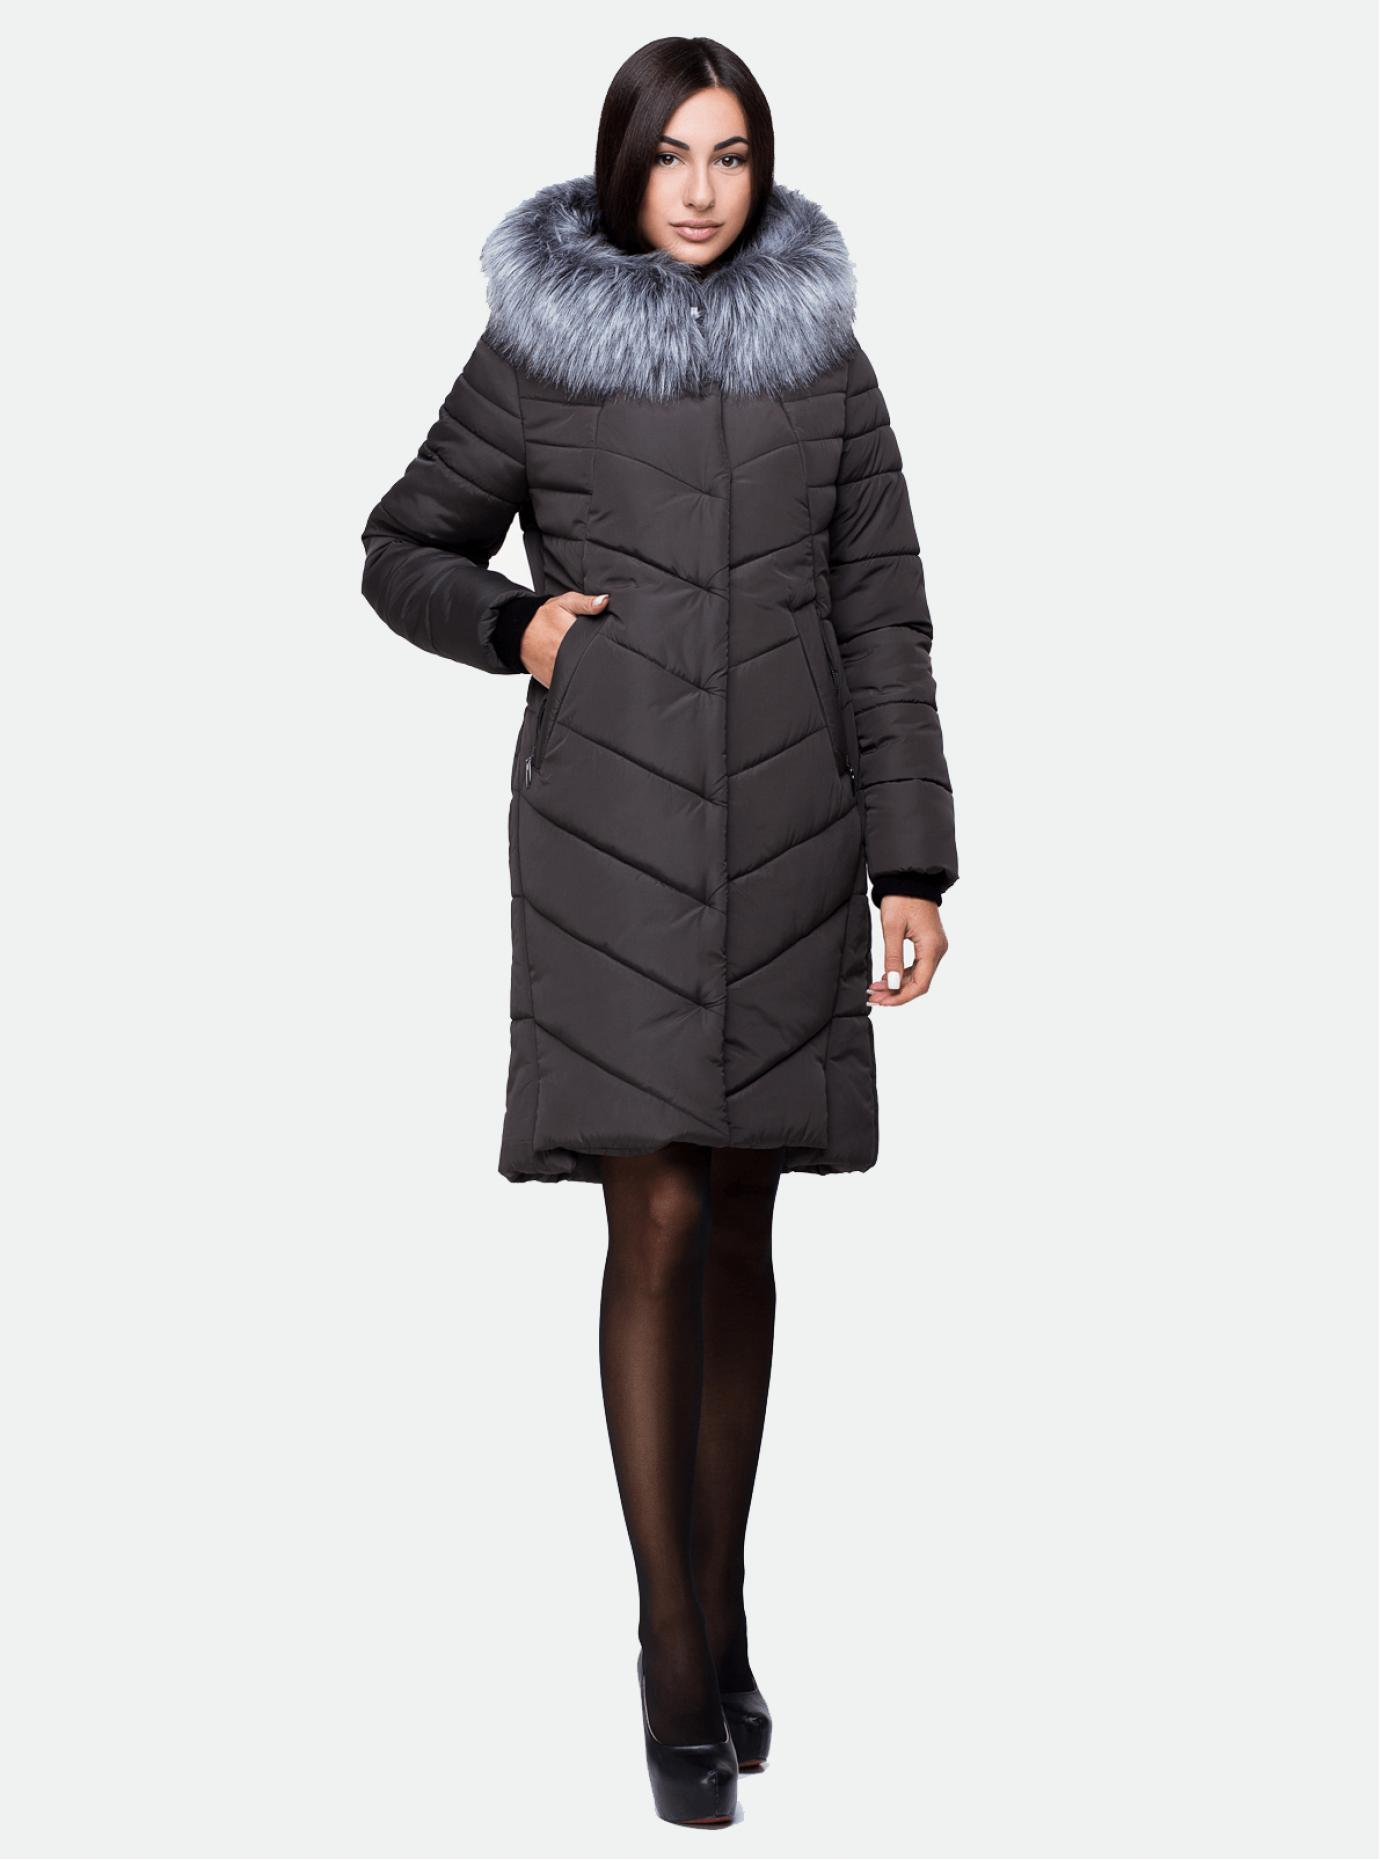 Куртка зимняя длинная с искуственным мехом Коричневый 44 (03-P19065): фото - Alster.ua